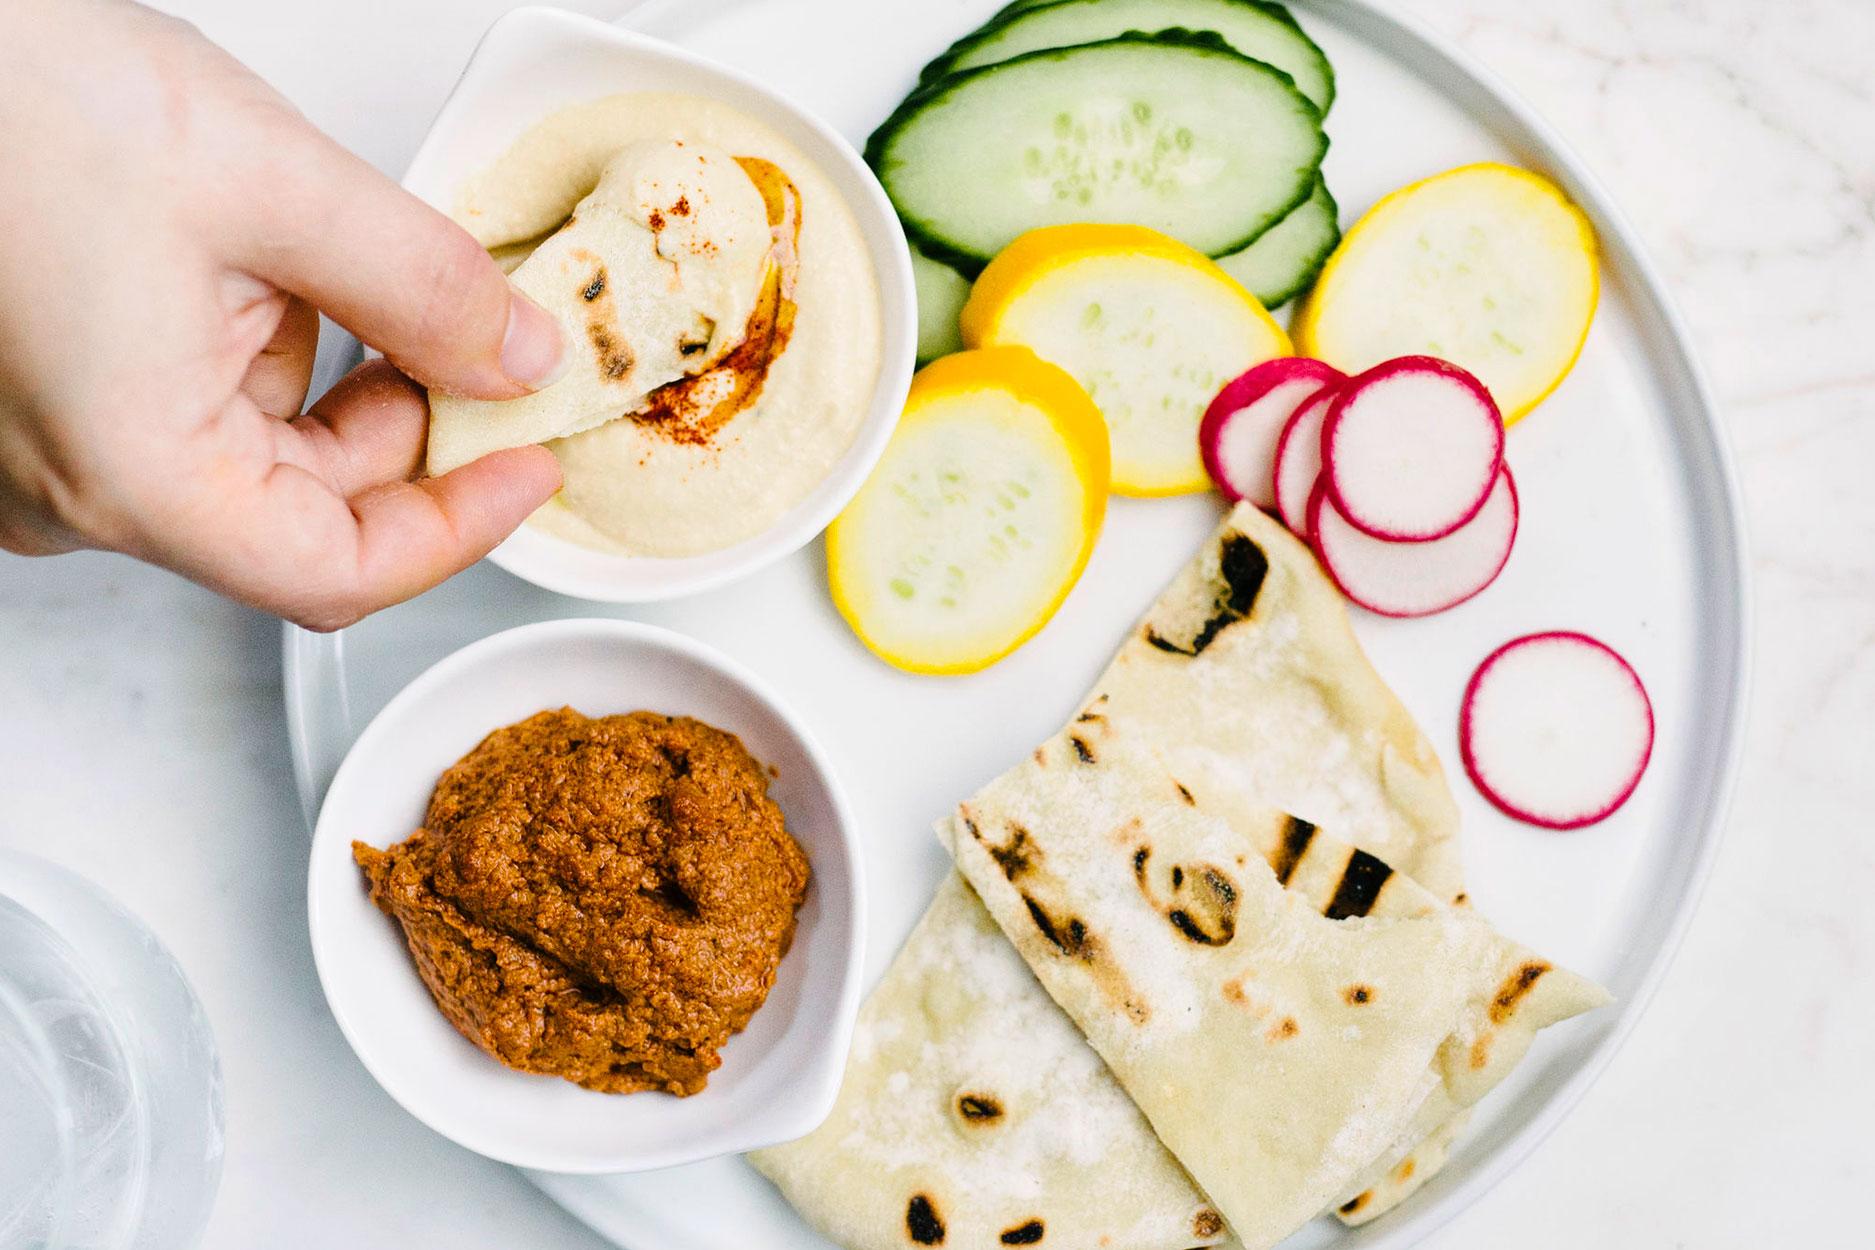 Hummus dip and vegetable dip spread